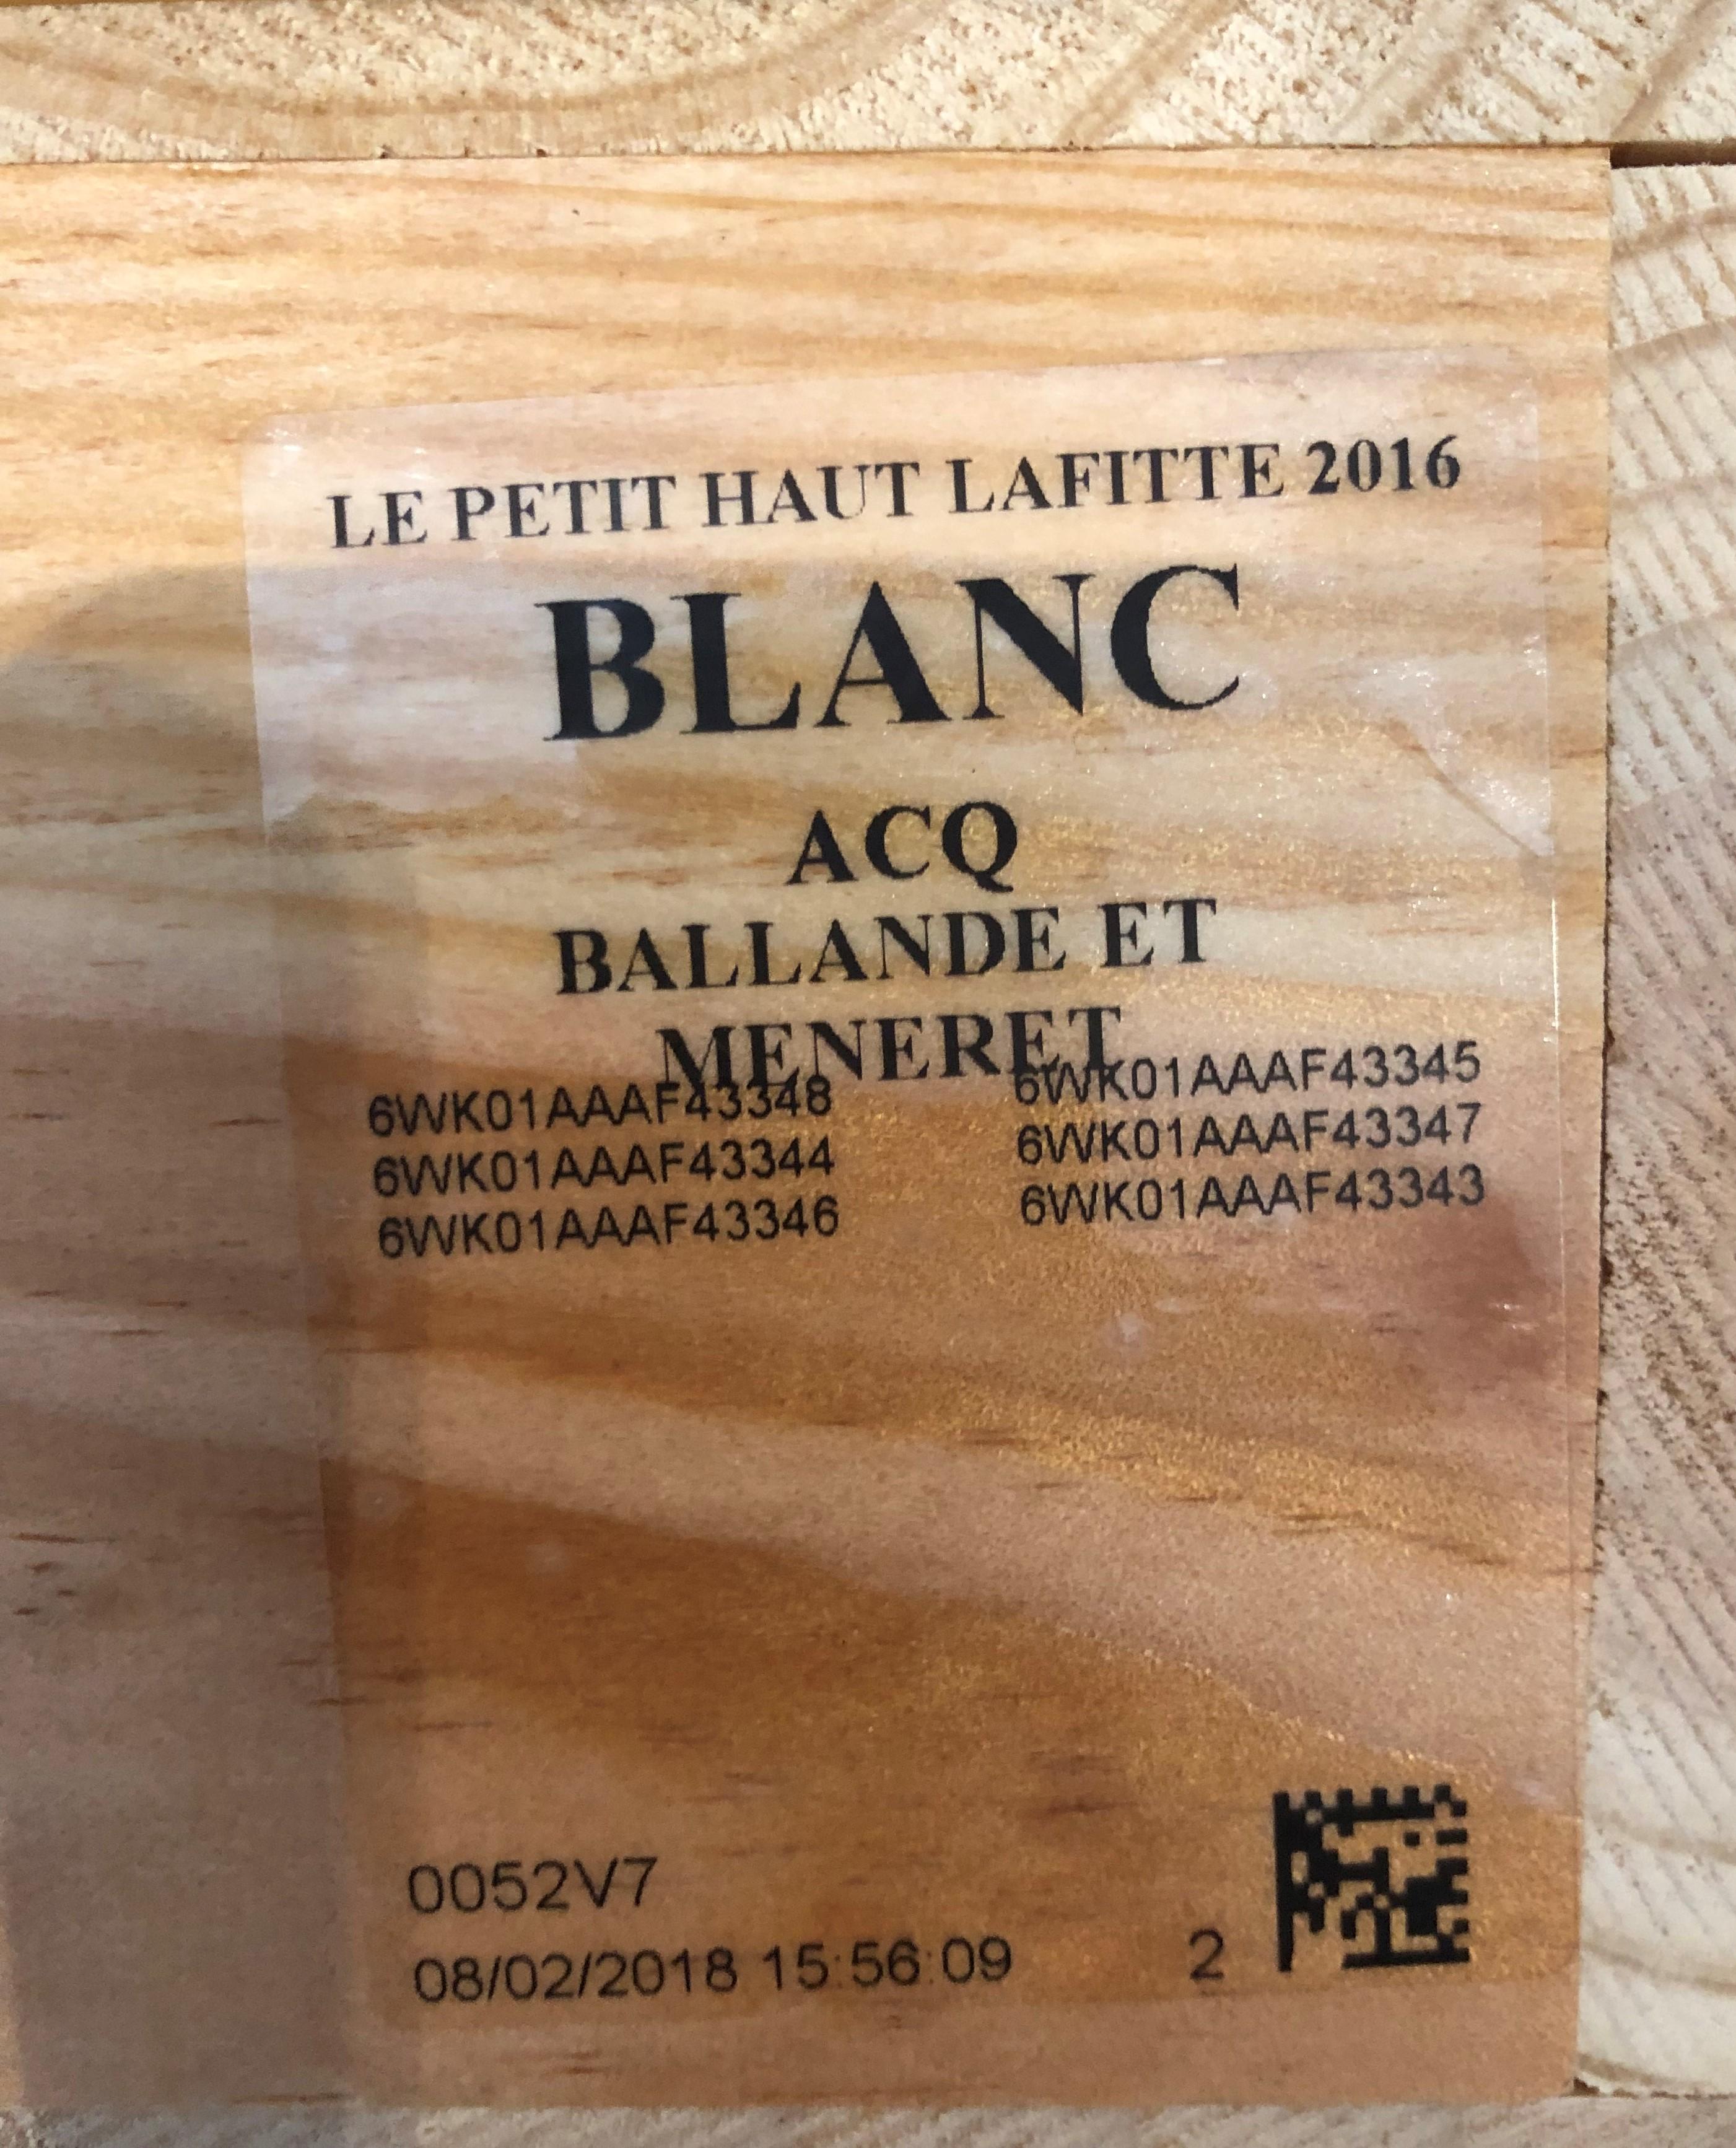 Lot 37 - 2016 Petit Haut Lafitte Blanc, Smith Haut Lafitte, Pessac, Bordeaux, France, 12 bottles